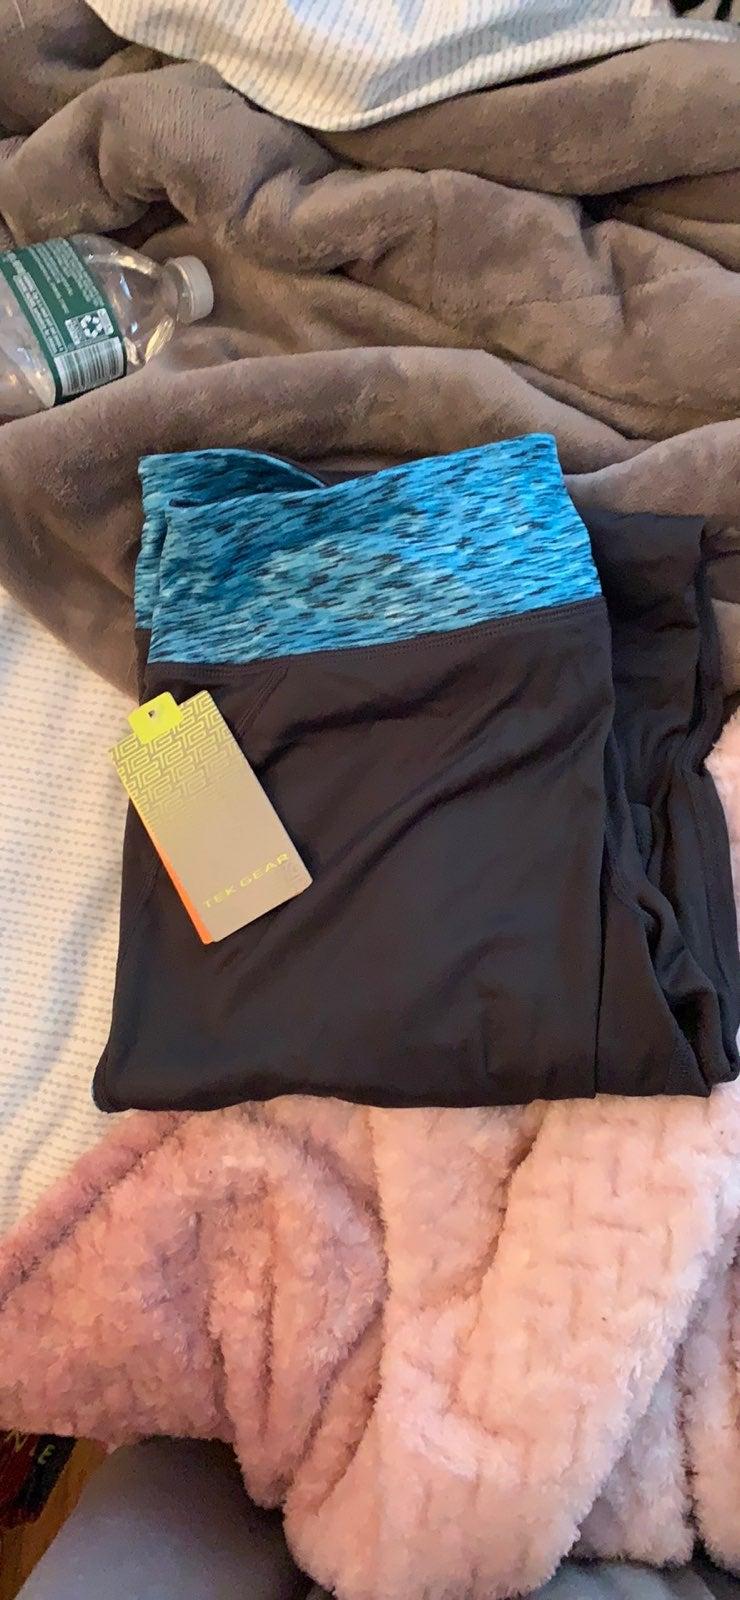 Tek Gear fleece lined leggings